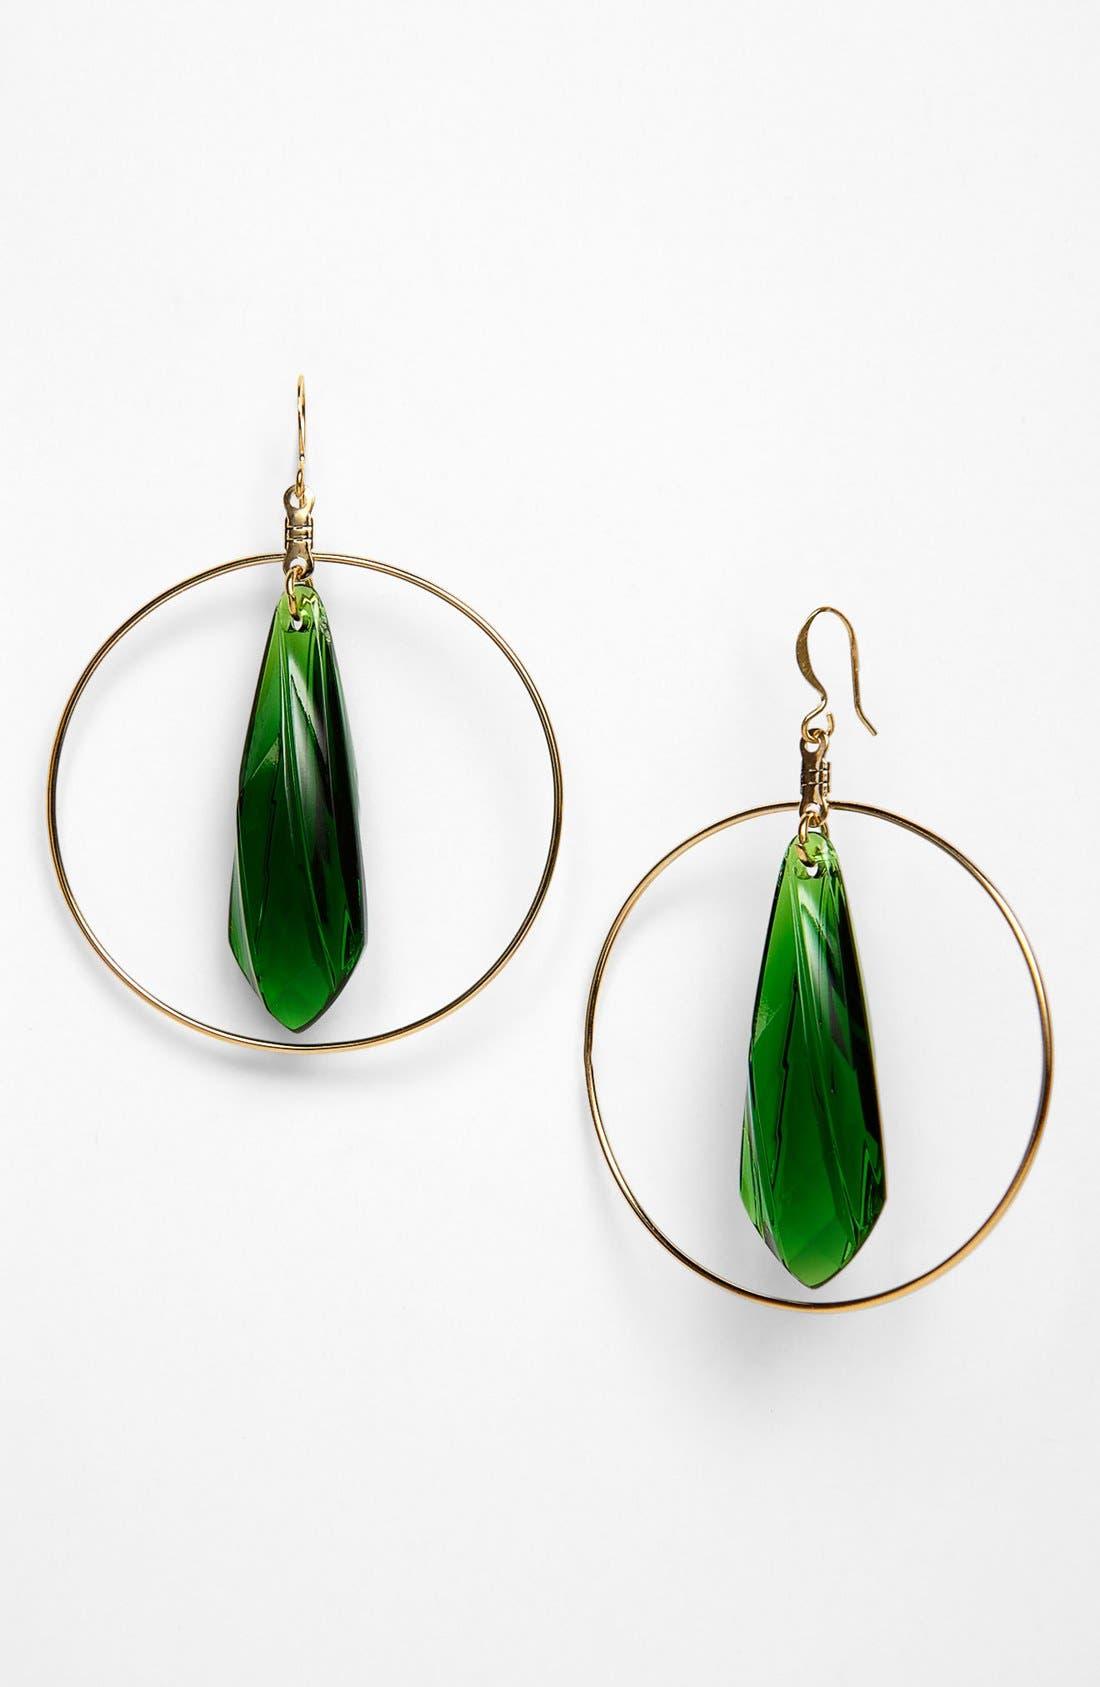 Main Image - Verdier Jewelry 'Vintage Lucite®' Hoop Earrings